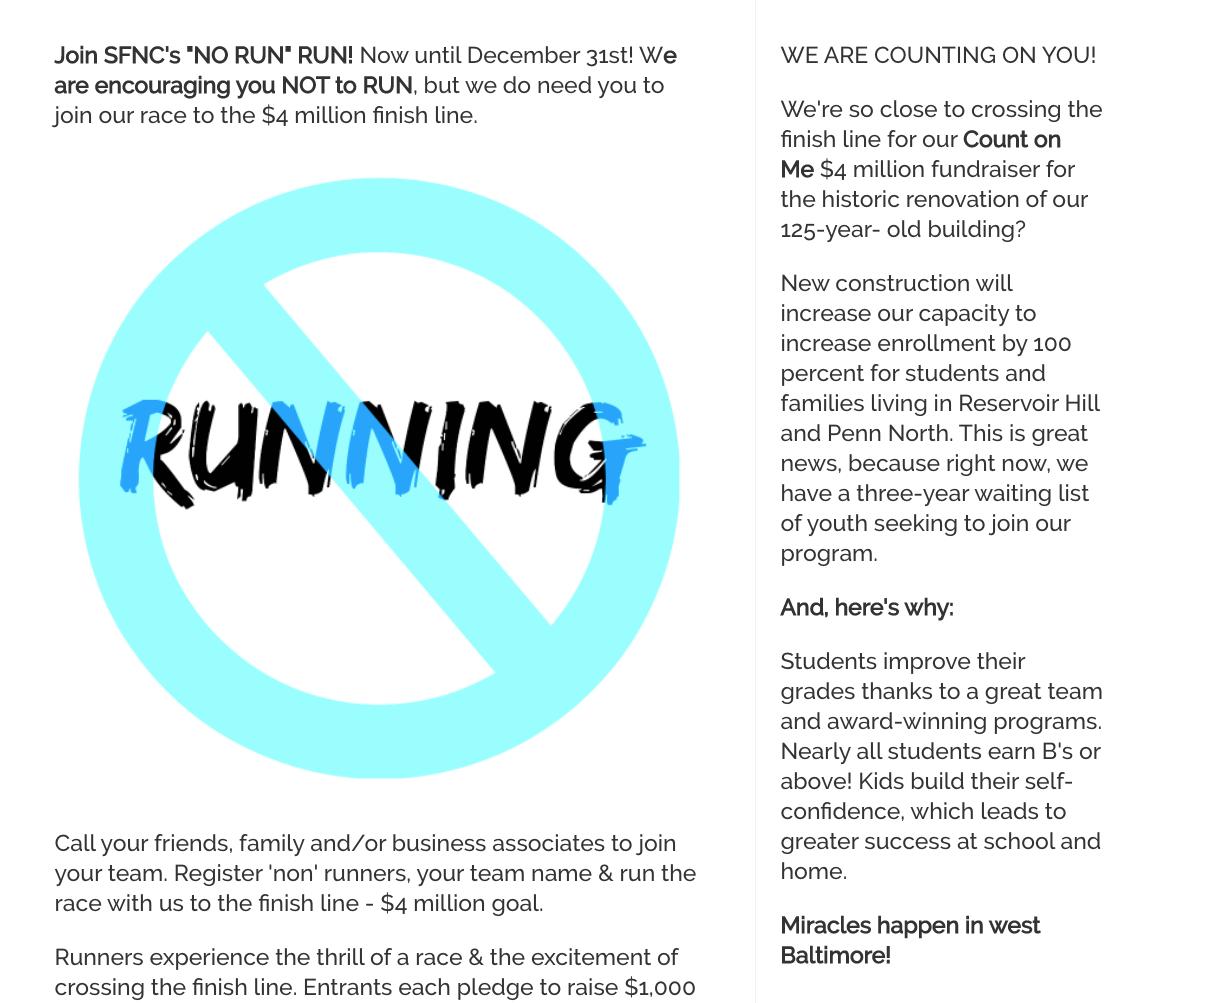 charity-run-no-run-run